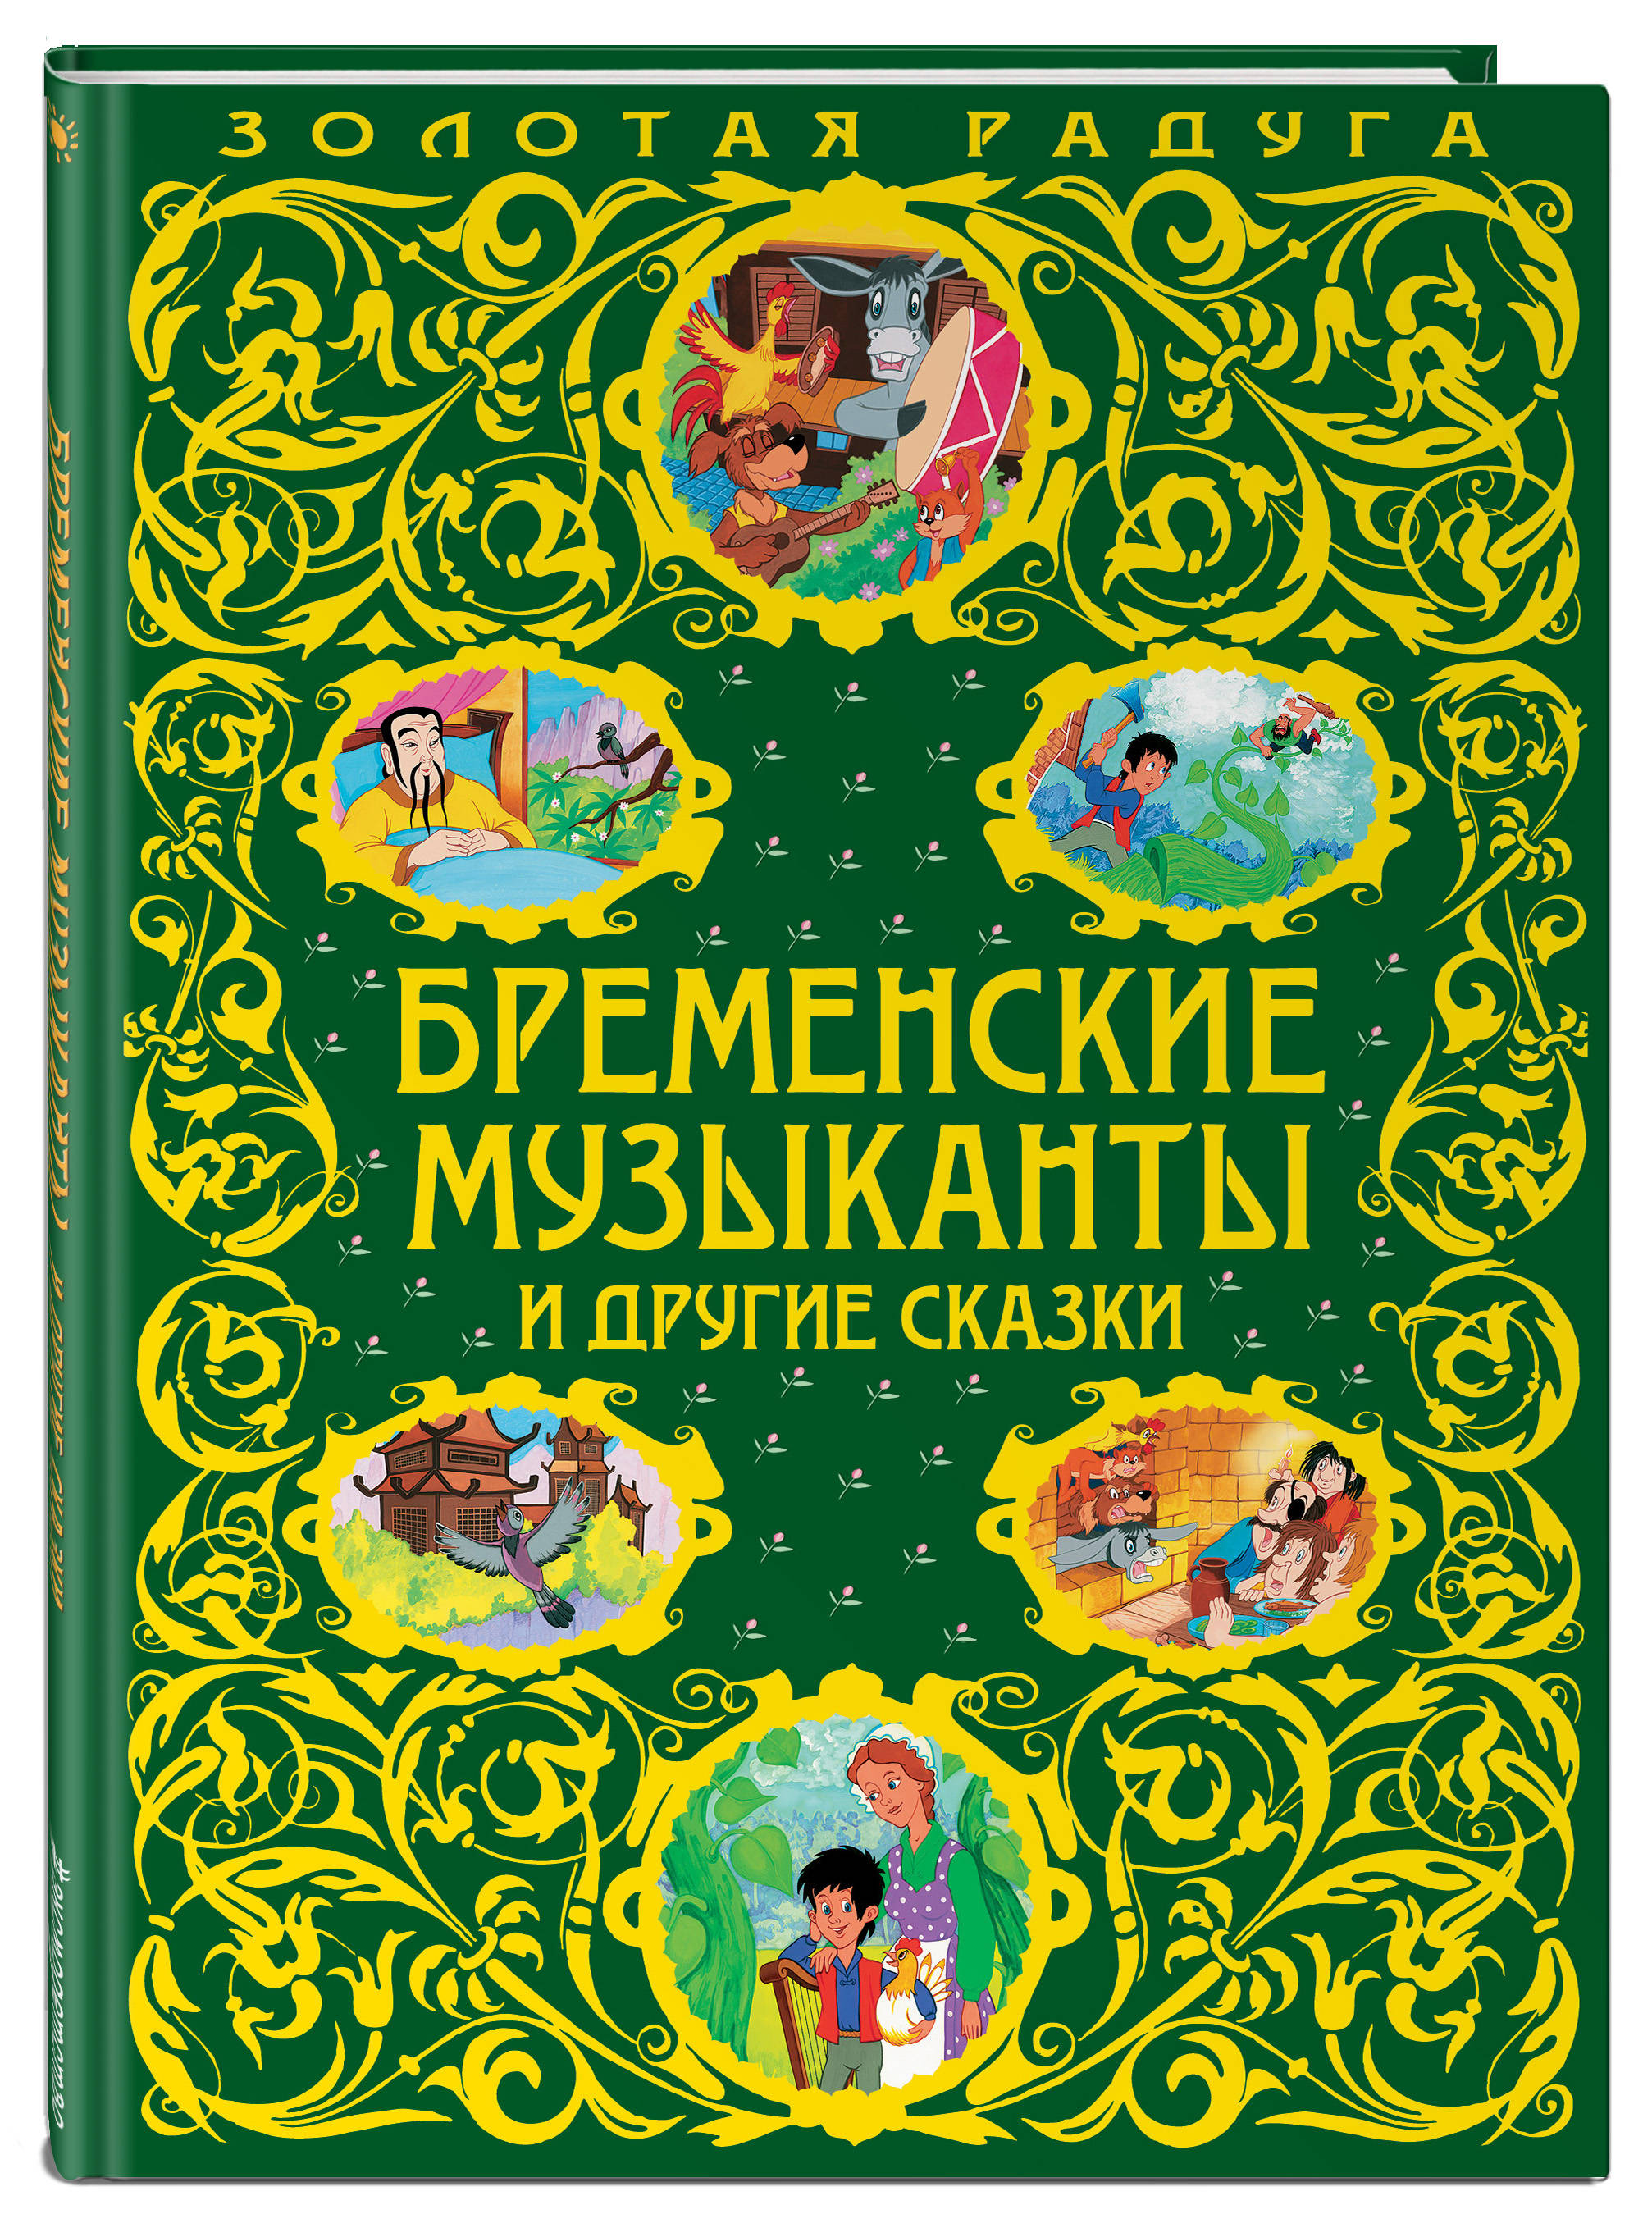 Бременские музыканты и другие сказки_